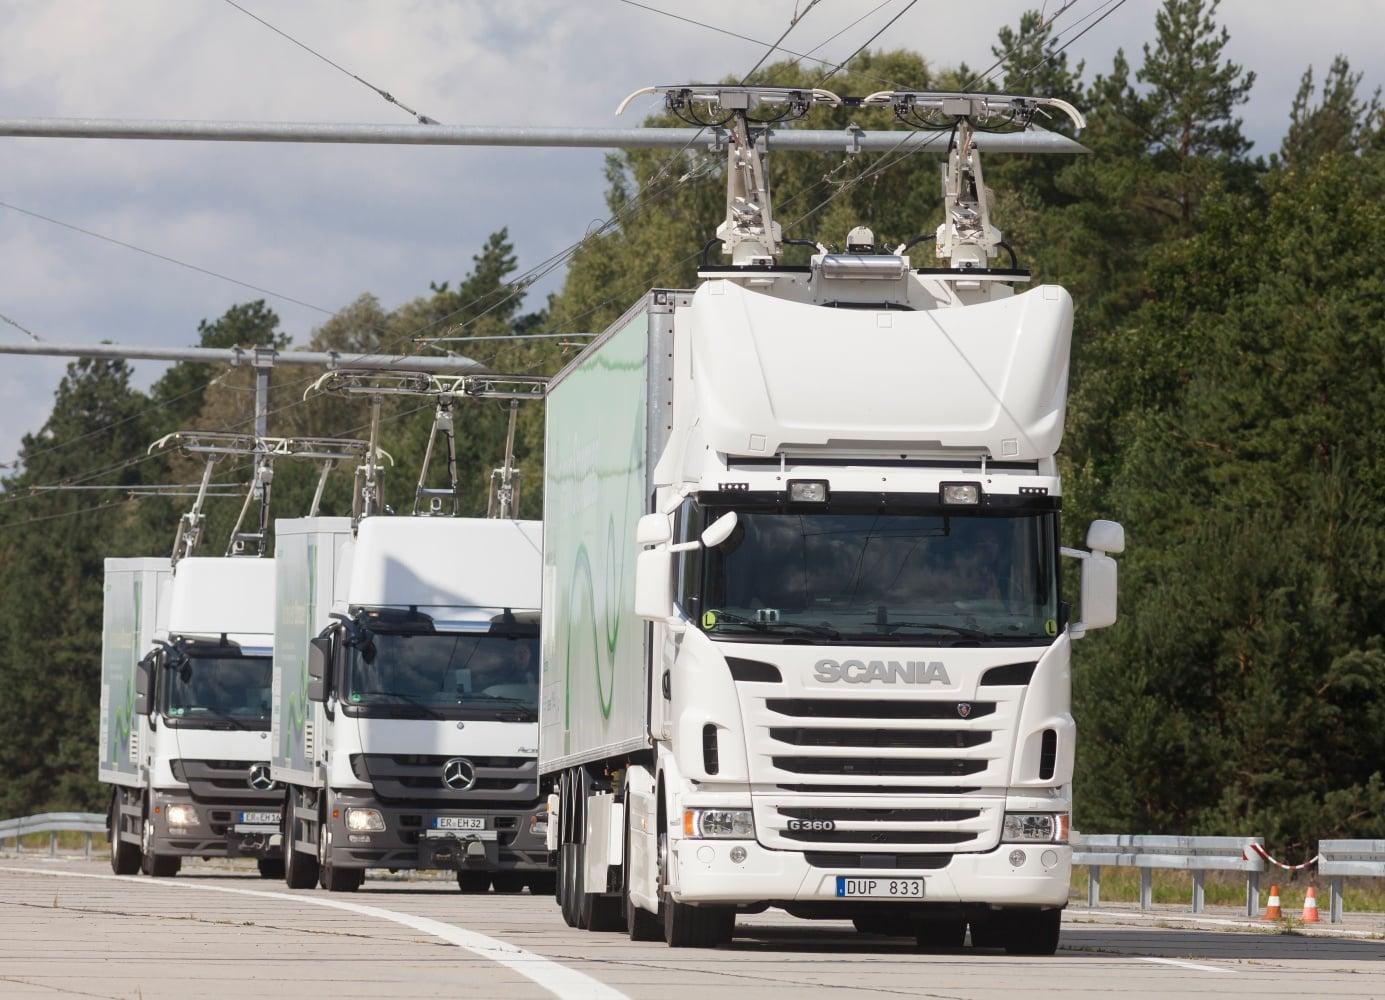 Elektryczne autostrady już są testowane w Niemczech. Docelowo mają mieć łącznie 1000 km 20